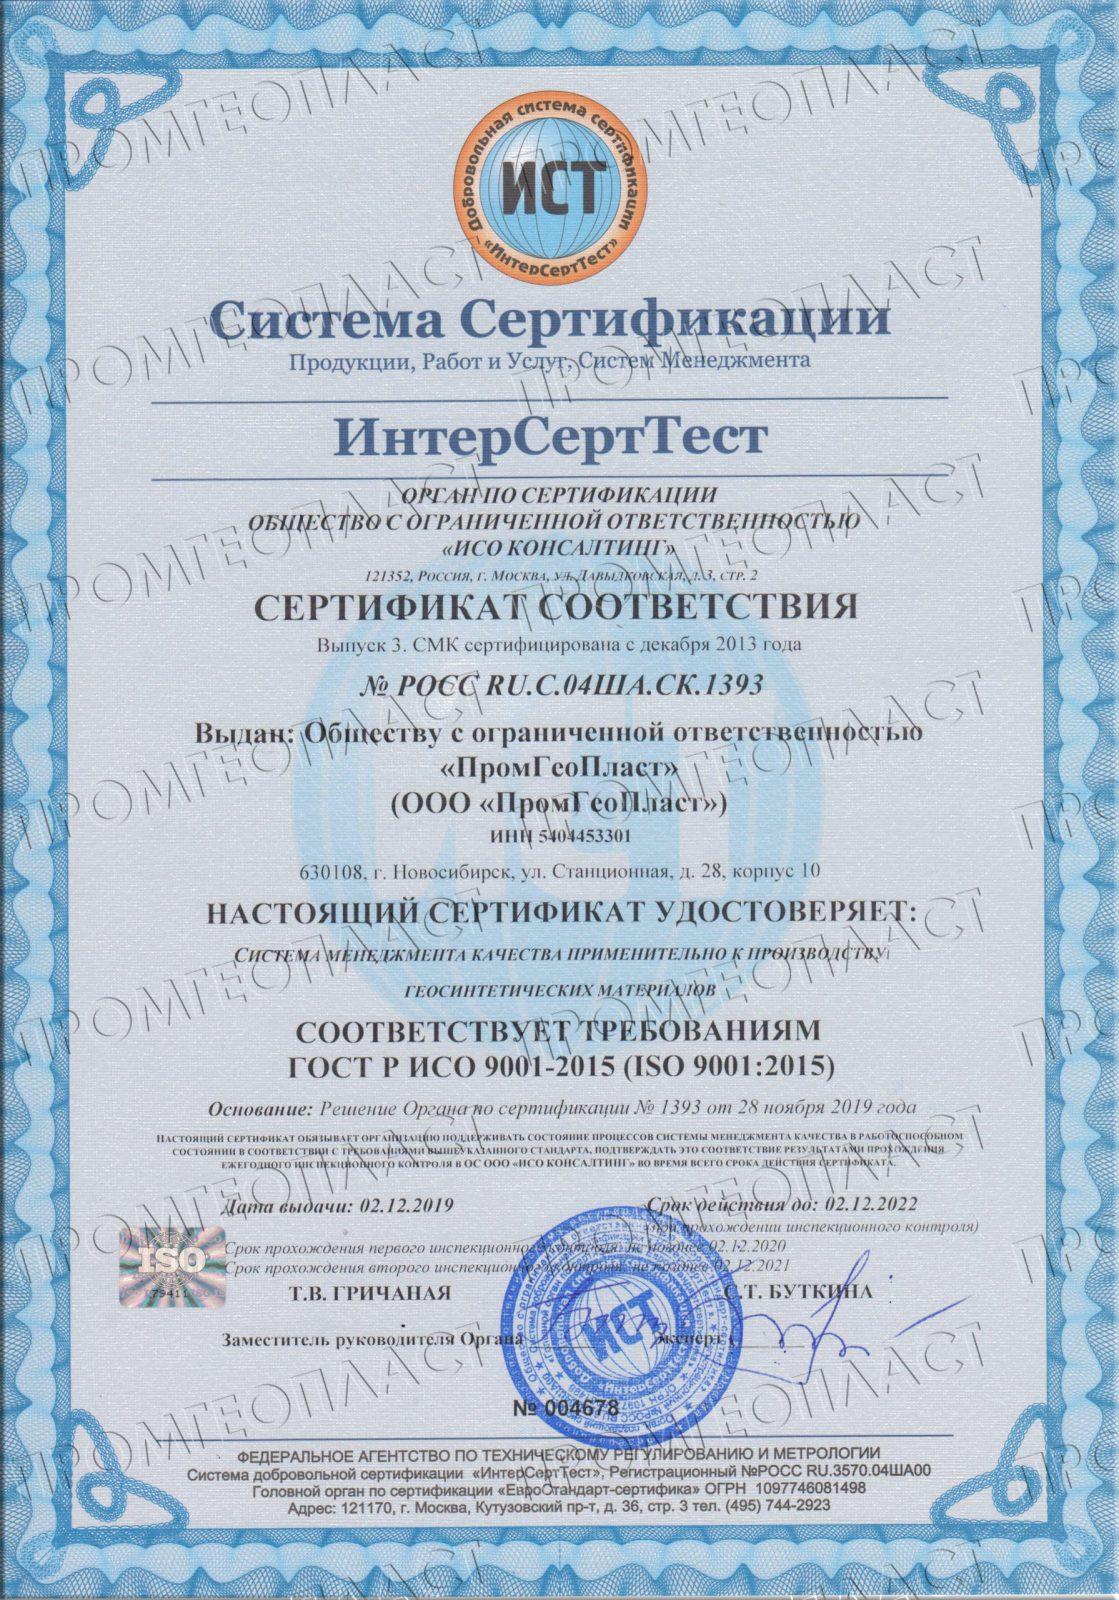 Сертификат соответствия ISO 9001_2008